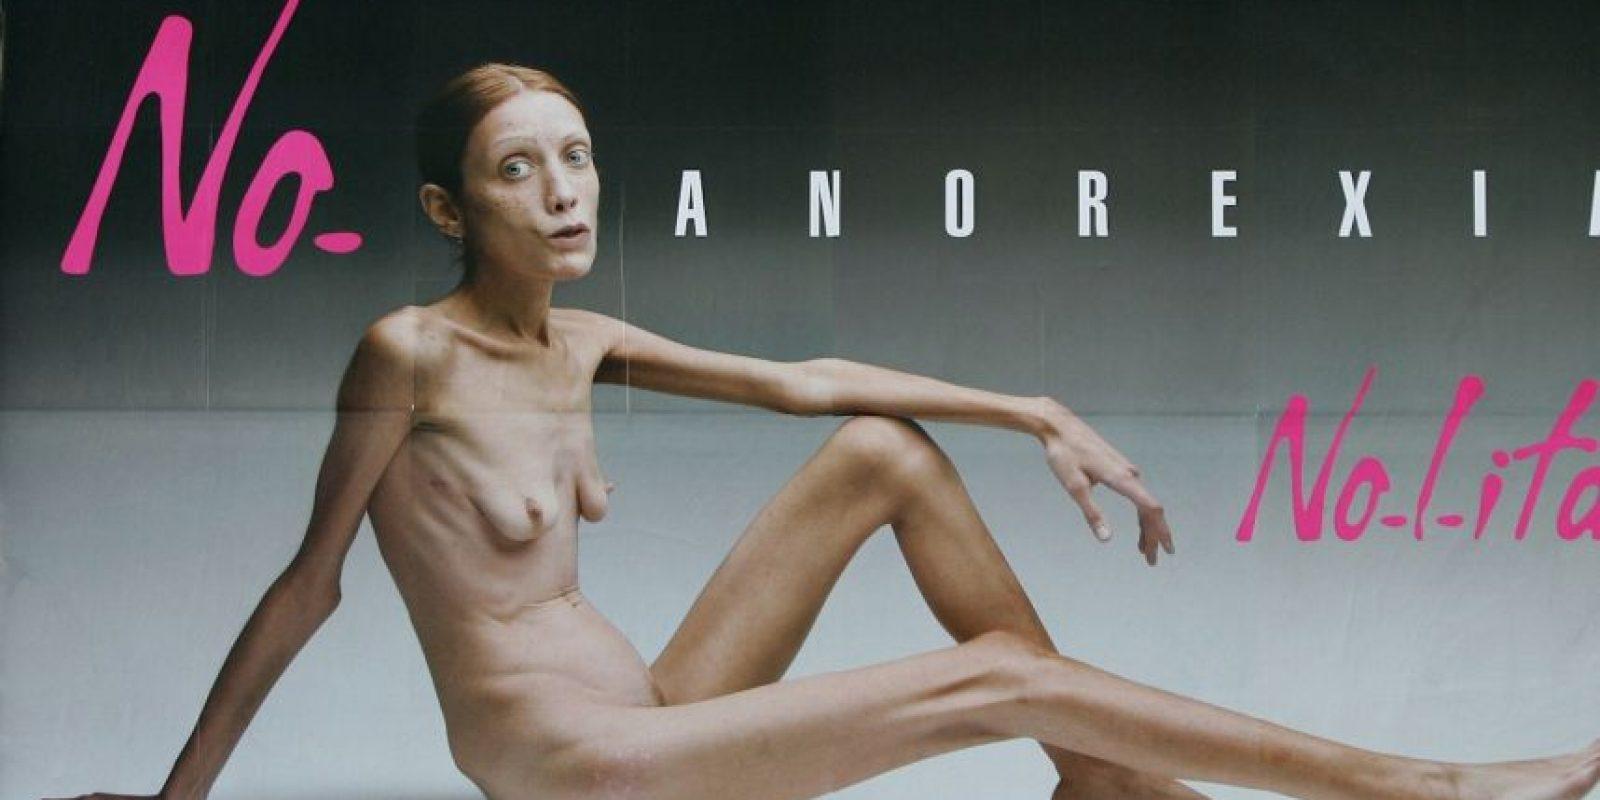 Sufrió toda su vida de anorexia. En 2007 se hizo conocida por esta fotografía, que reveló lo que causa la anorexia. Murió en 2010 de neumonía. Su madre, al no soportar su muerte, se suicidó poco después. Foto:No-Lita